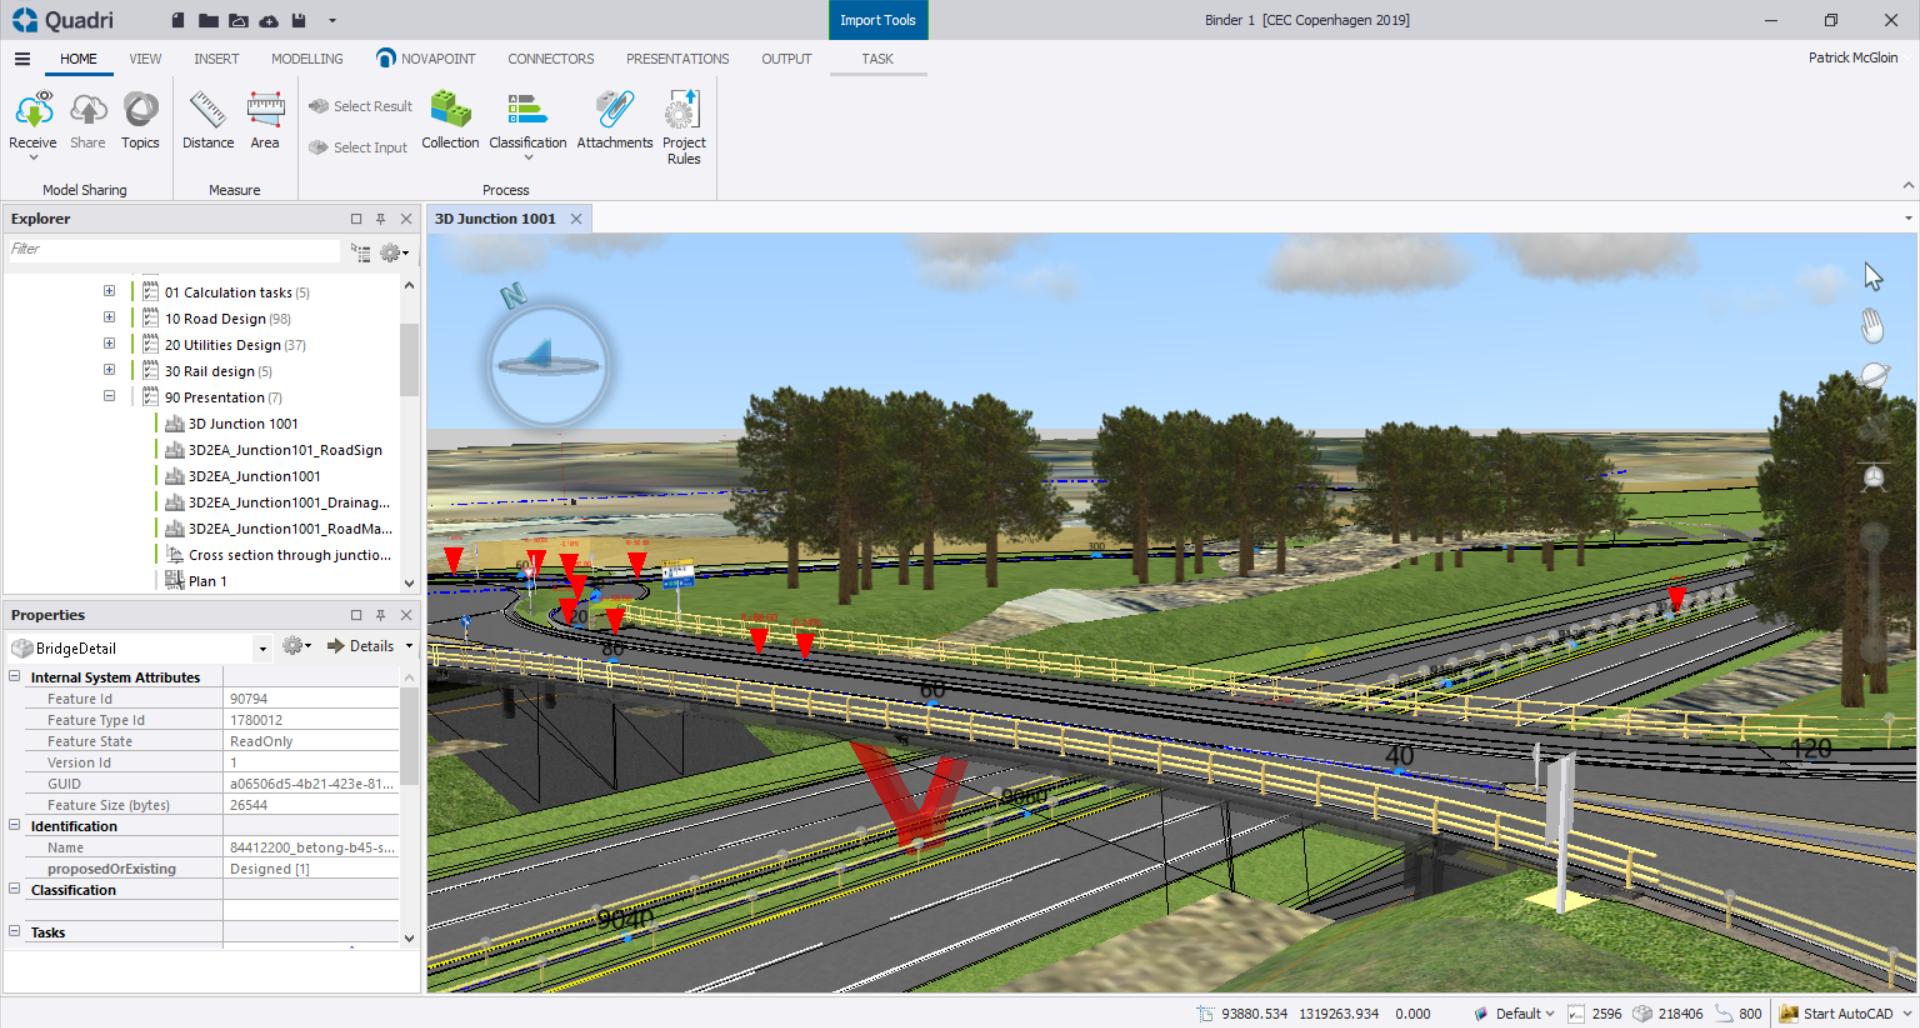 trimble-construction-software-3d-design-modeling-bridge-detail